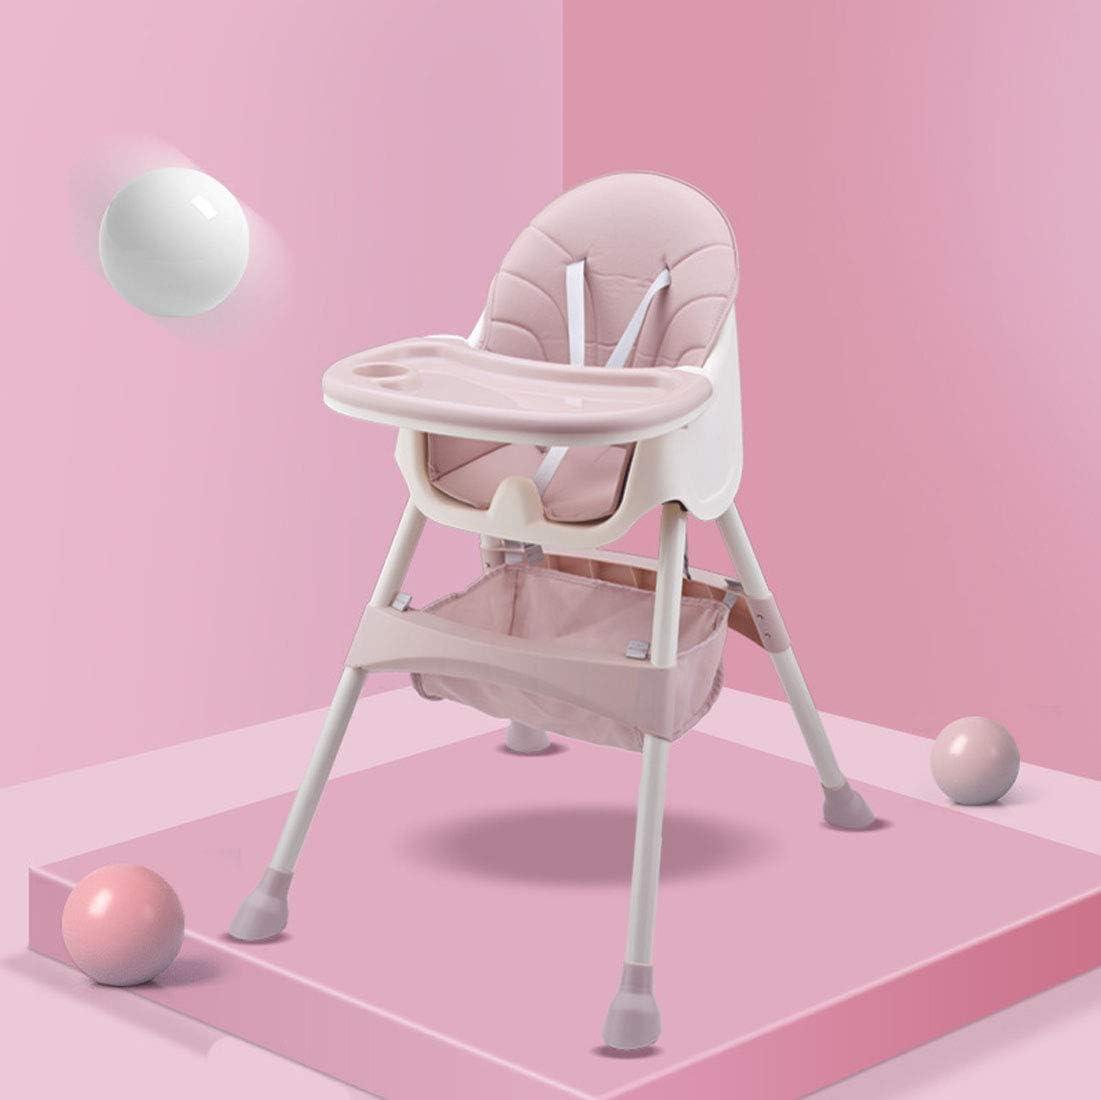 調整可能 多機能リクライニング折りたたみハイチェアママハイチェア-トワイライトリクライニングコンパクトパッド入りベビーハイローチェアダブルトレイ収納バスケット付き 幼児